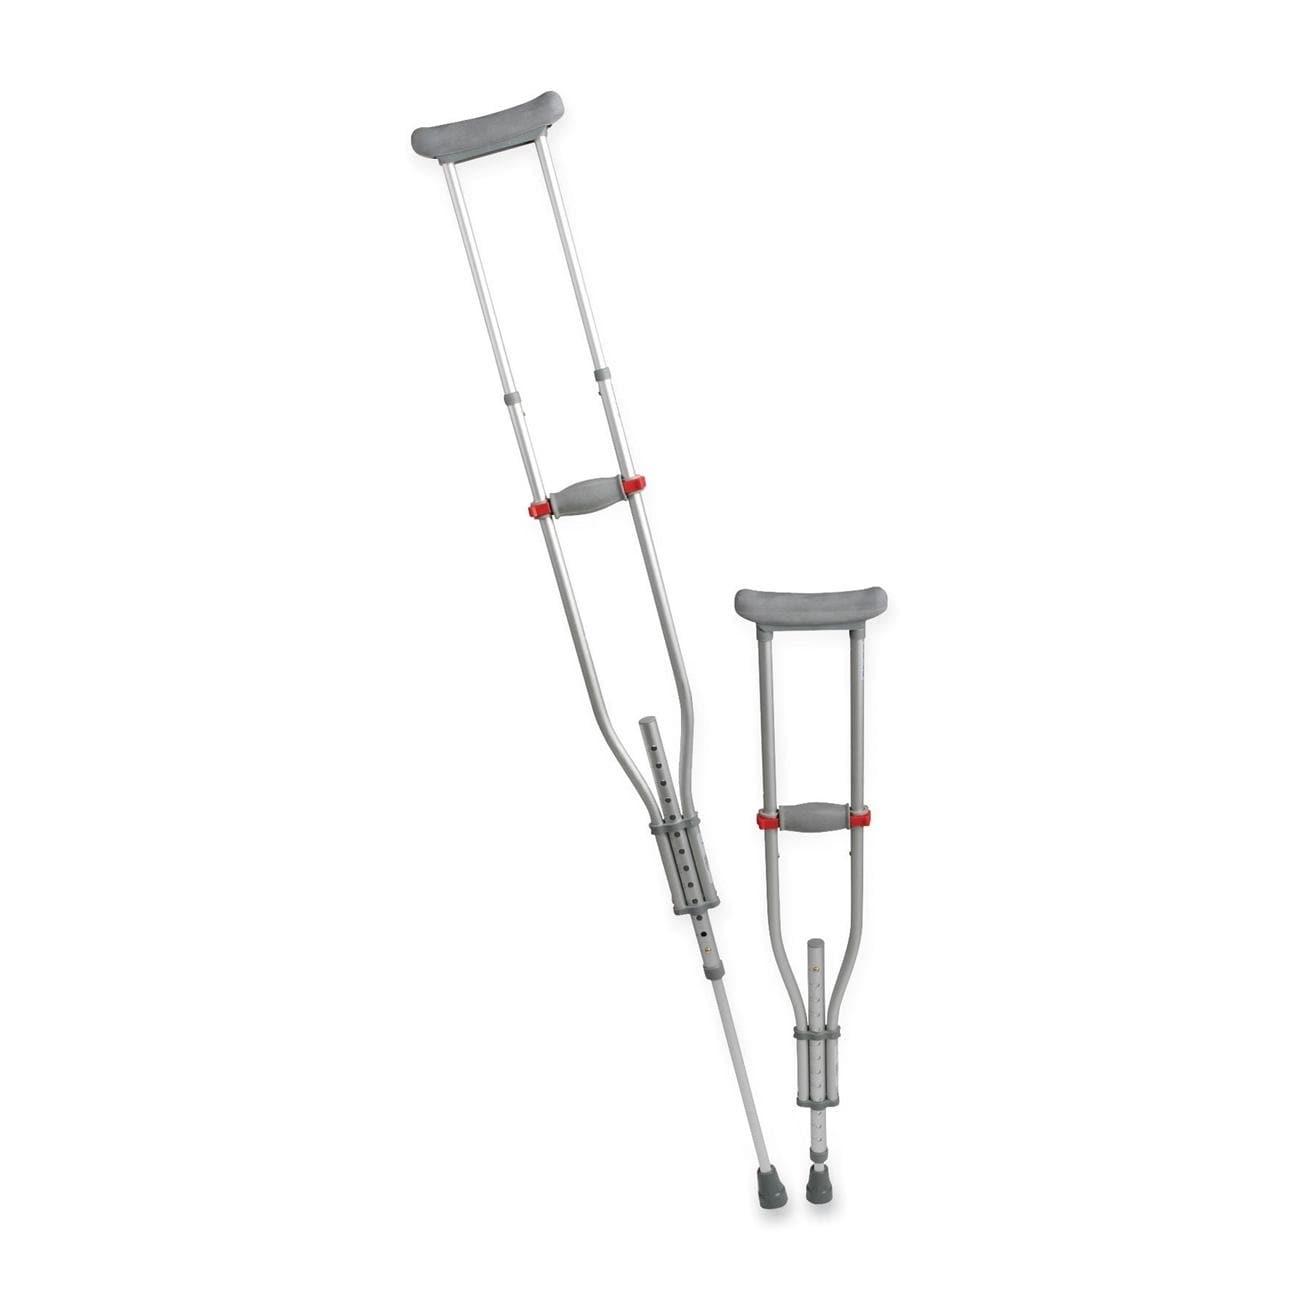 Amazon. Com: medline mds80540 quick-fit aluminum crutches: health.